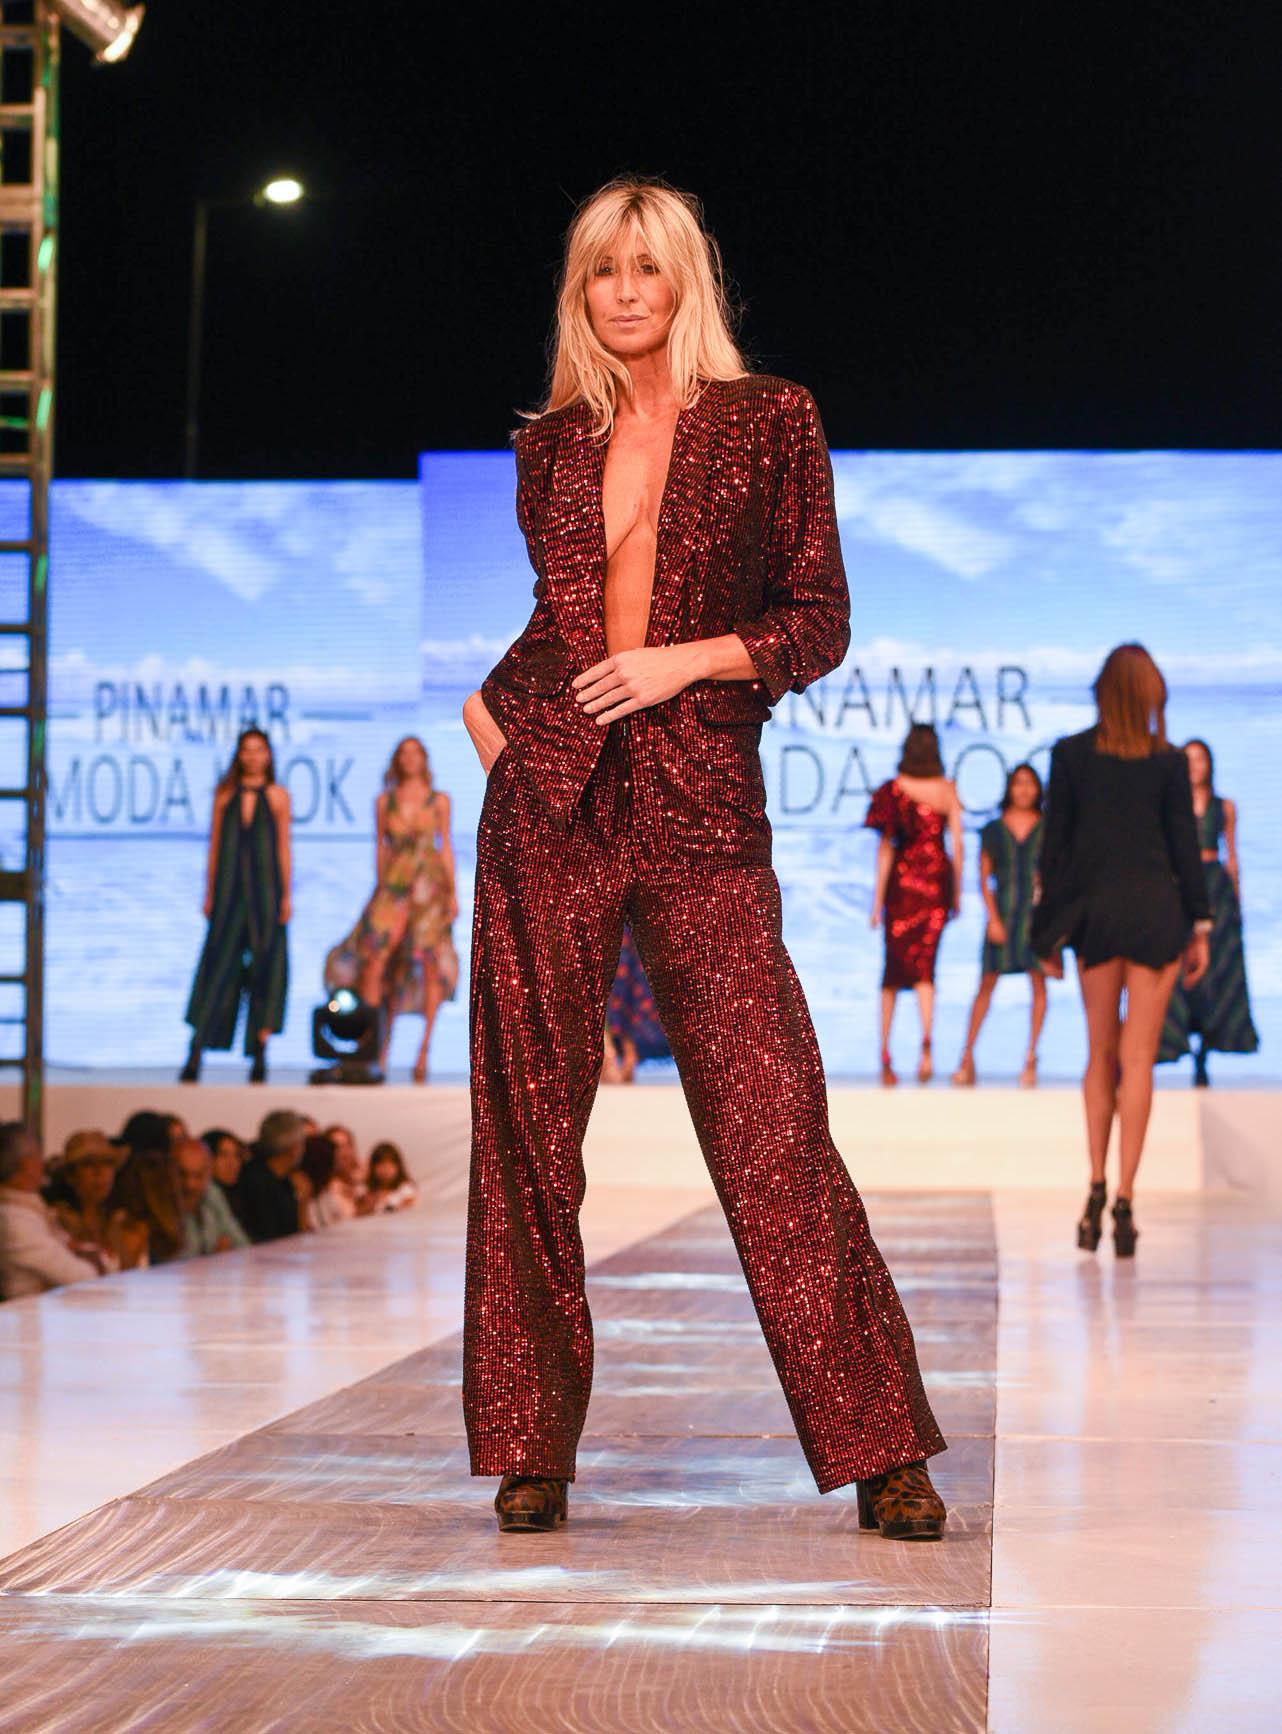 La modelo Soledad Solaro en la pasada del diseñador Benito Fernández, lució un elegante mono rojo de lentejuelas